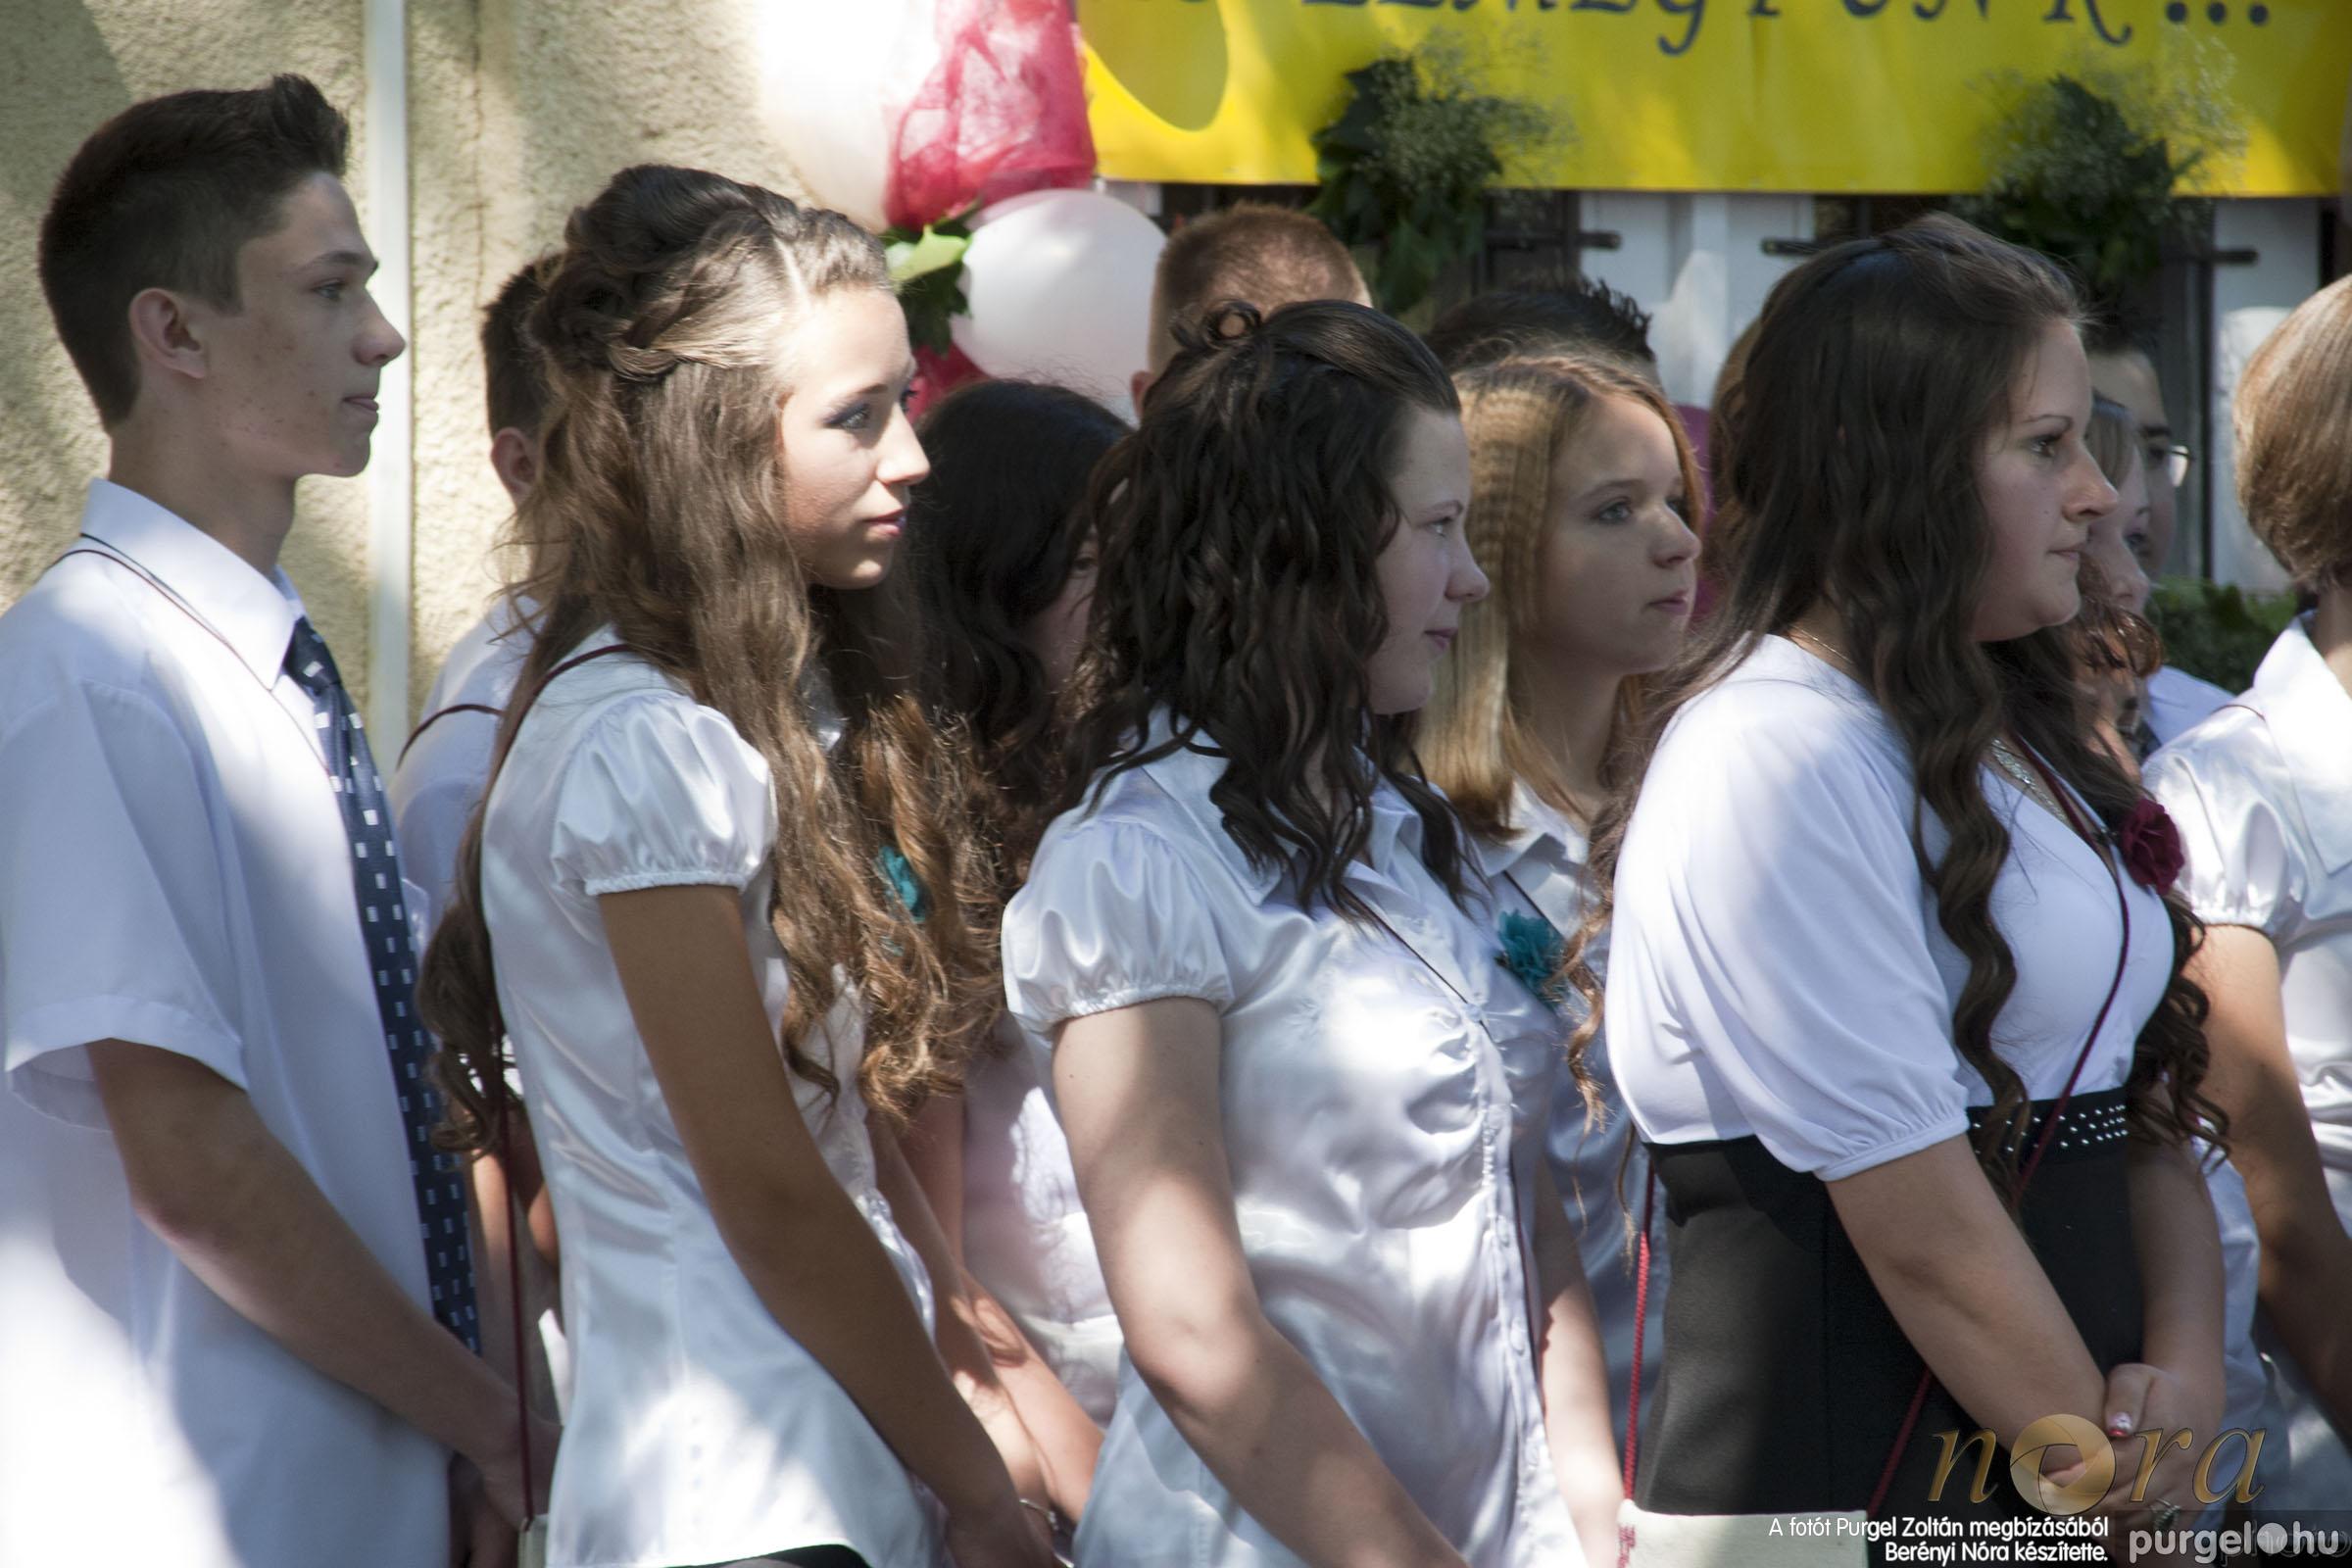 2013.06.15. 215 Forray Máté Általános Iskola ballagás 2013. - Fotó:BERÉNYI NÓRA© _MG_1257.JPG